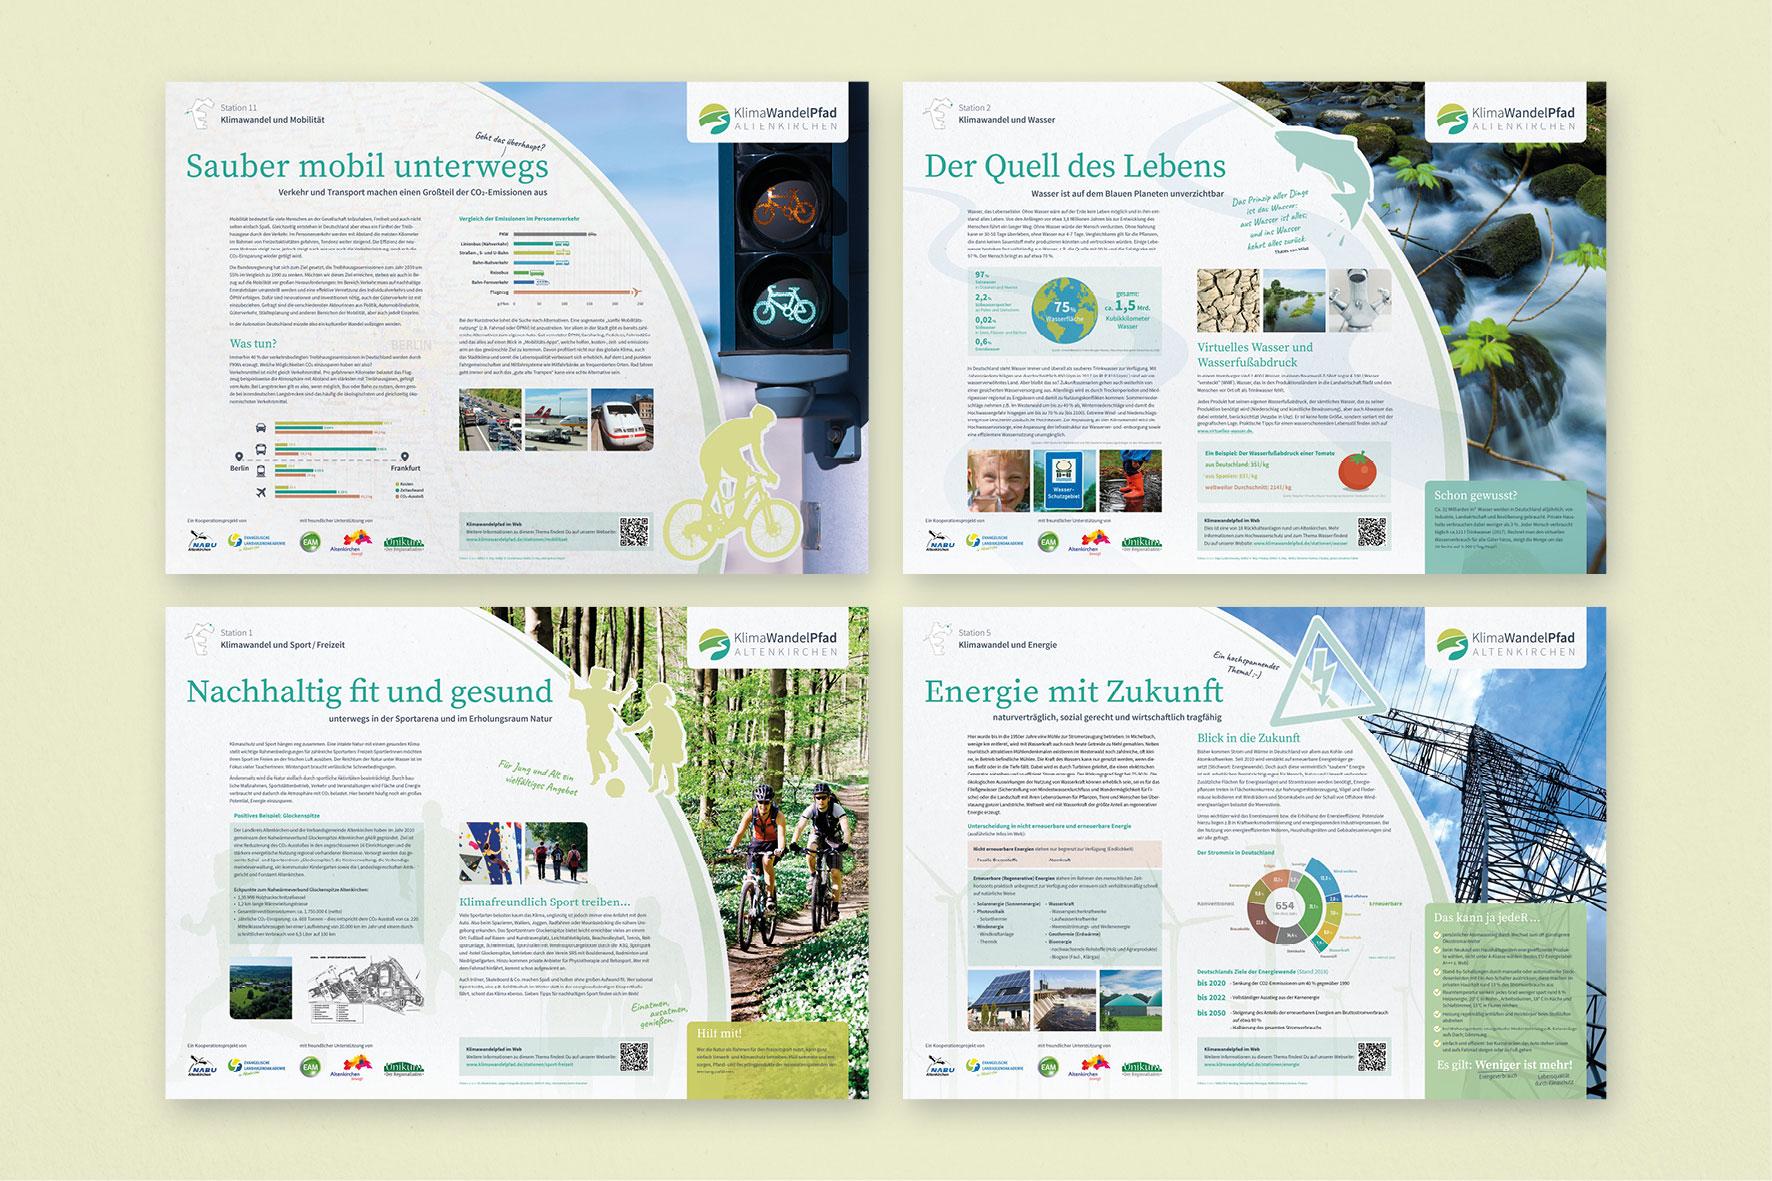 Klimawandelpfad Altenkirchen Infotafeln